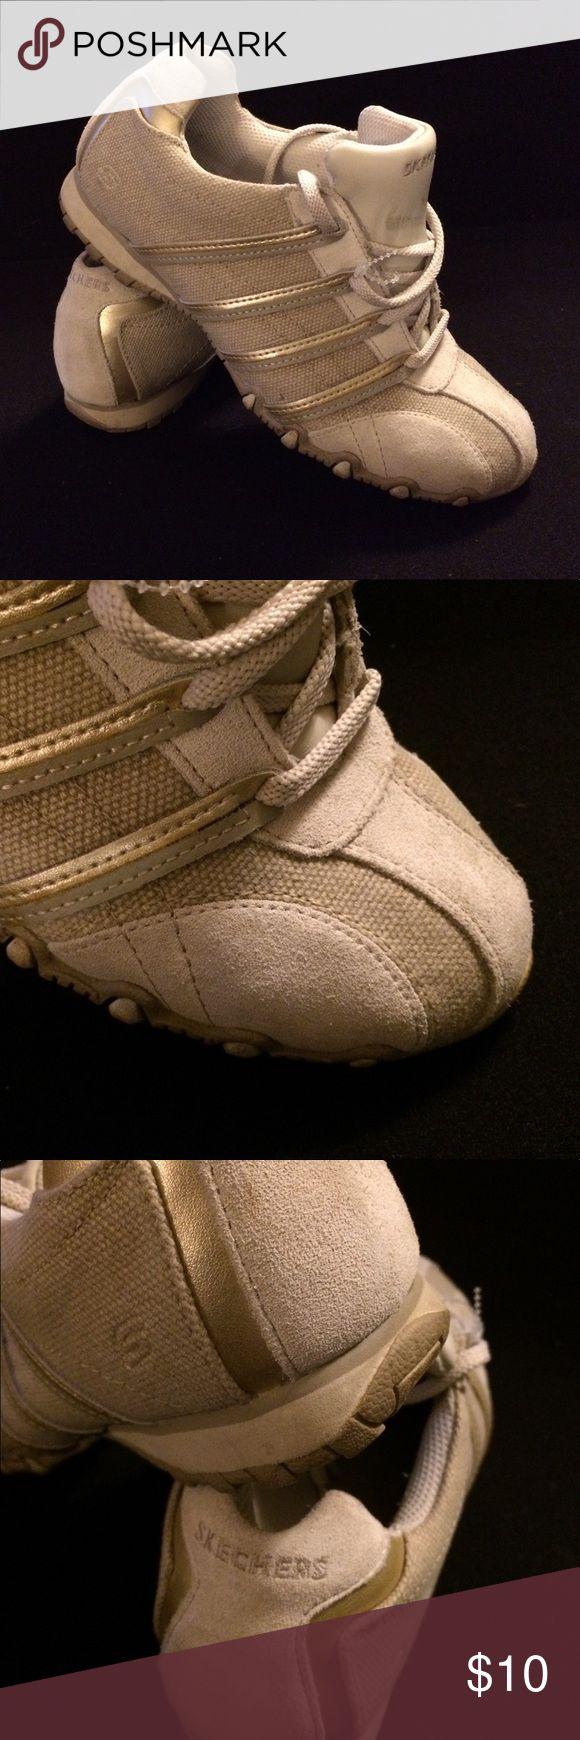 Ladies Skechers Tan Size 8 Sneaker Gently Used Skechers clean no flaws sneaker Skechers Shoes Sneakers